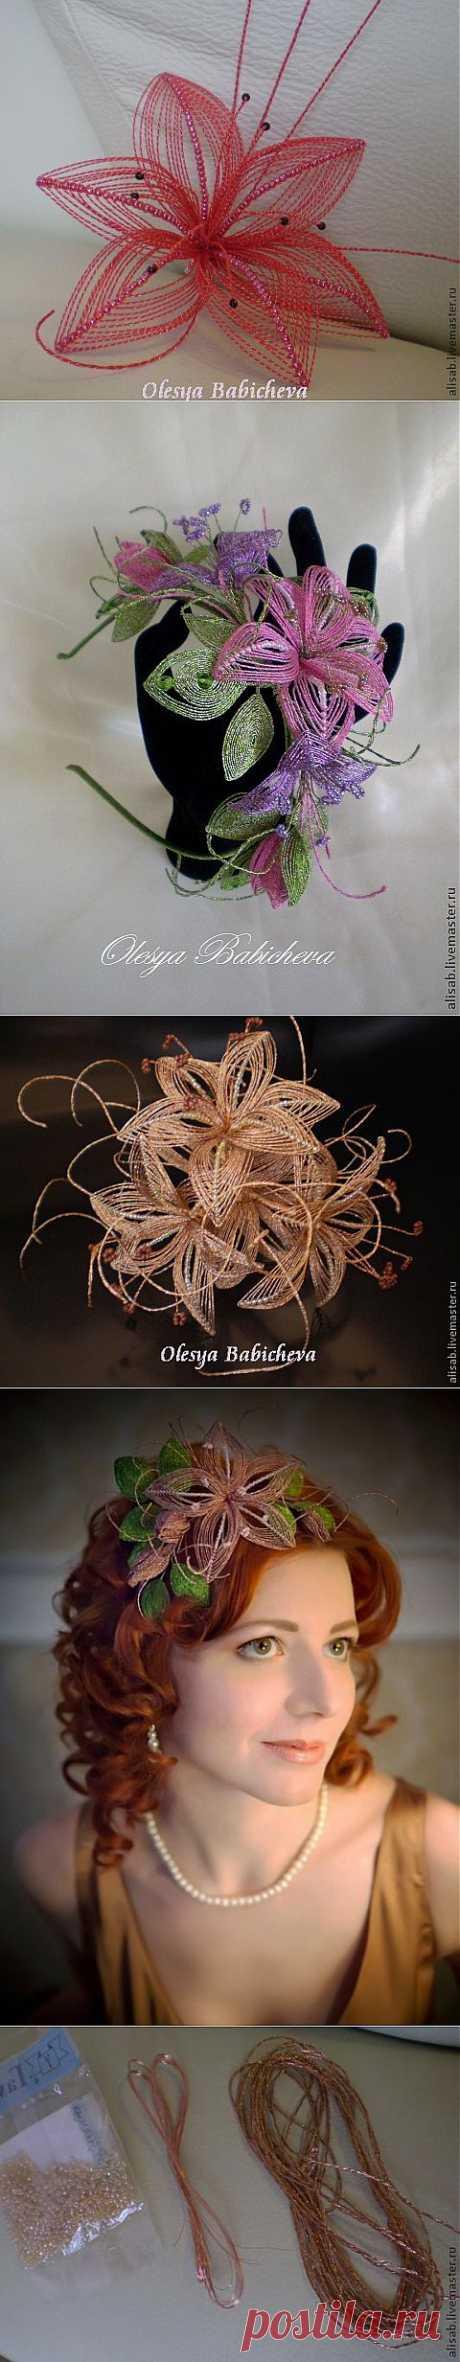 Las flores en la técnica ganutel. ¡El autor Olesya Babicheva | HAZ!